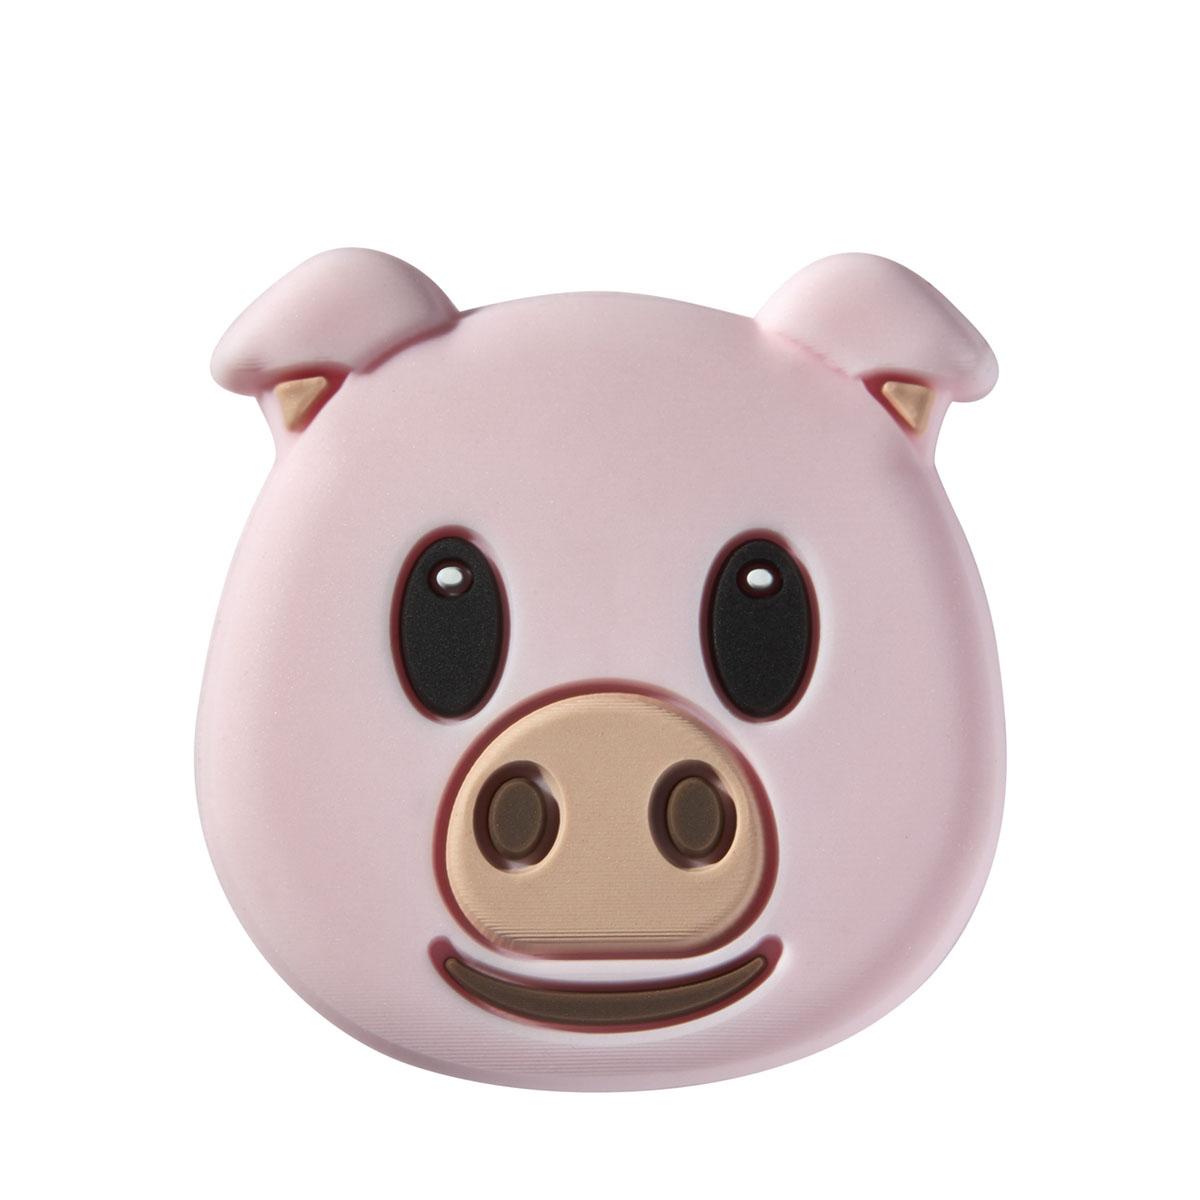 WR8405001_7_Animal_Dampener_Box_Pig.png.cq5dam.web.2000.2000